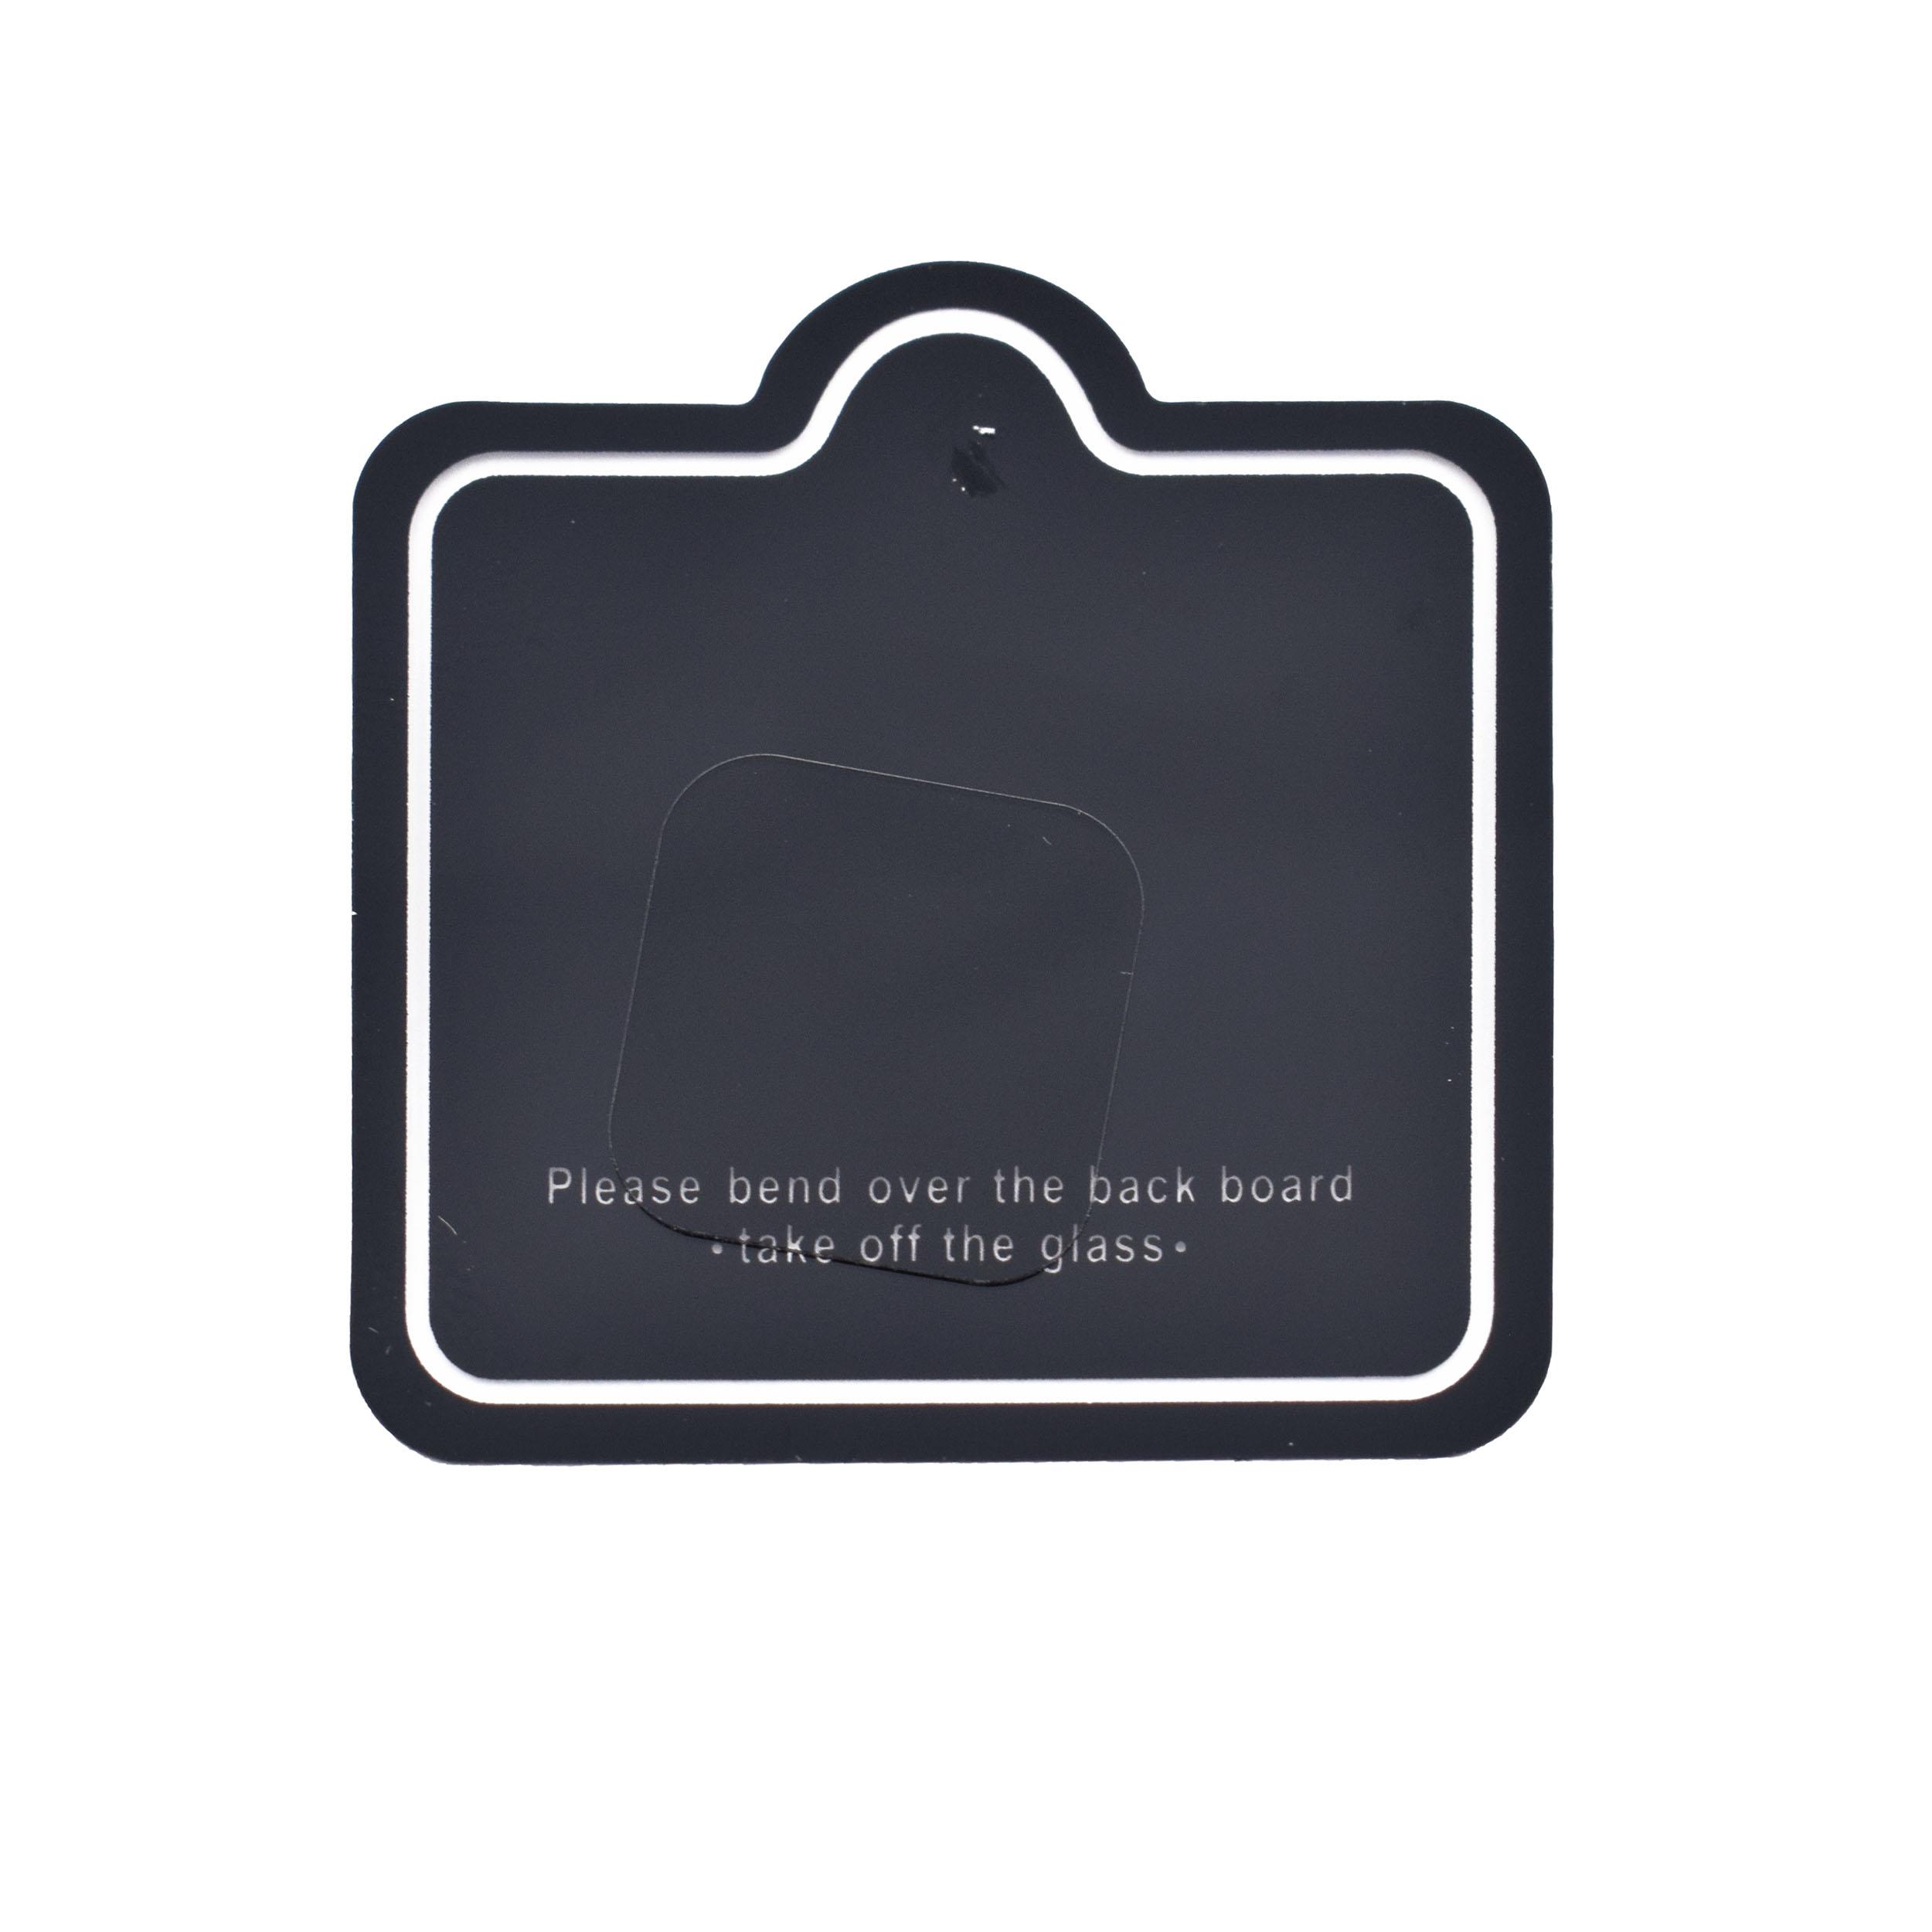 محافظ لنز پیشگام مدل NA10 مناسب برای گوشی موبایل شیائومی Redmi Note 9S